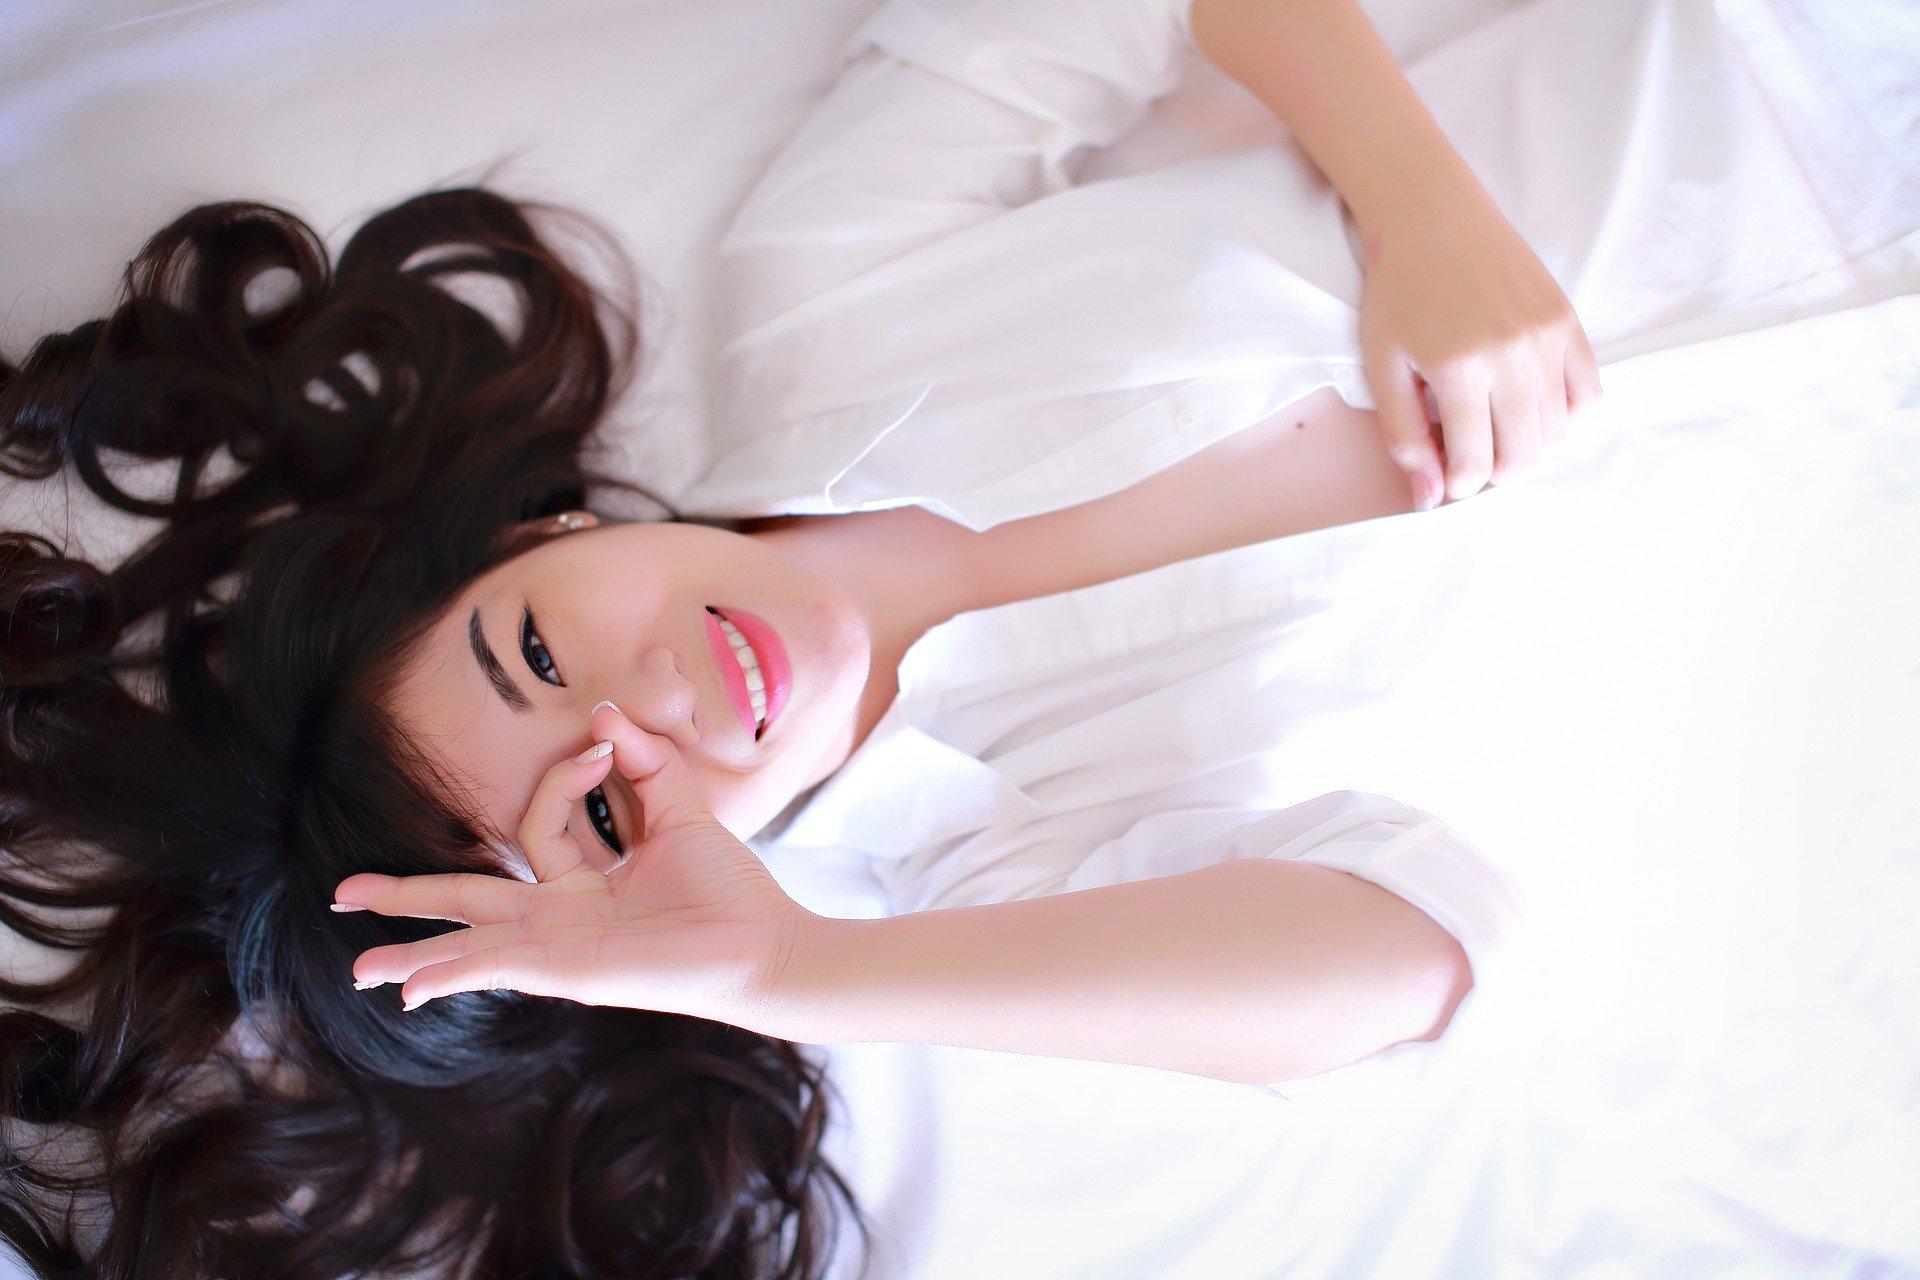 Massage réciproque, une expérience sensuelle à faire en couple